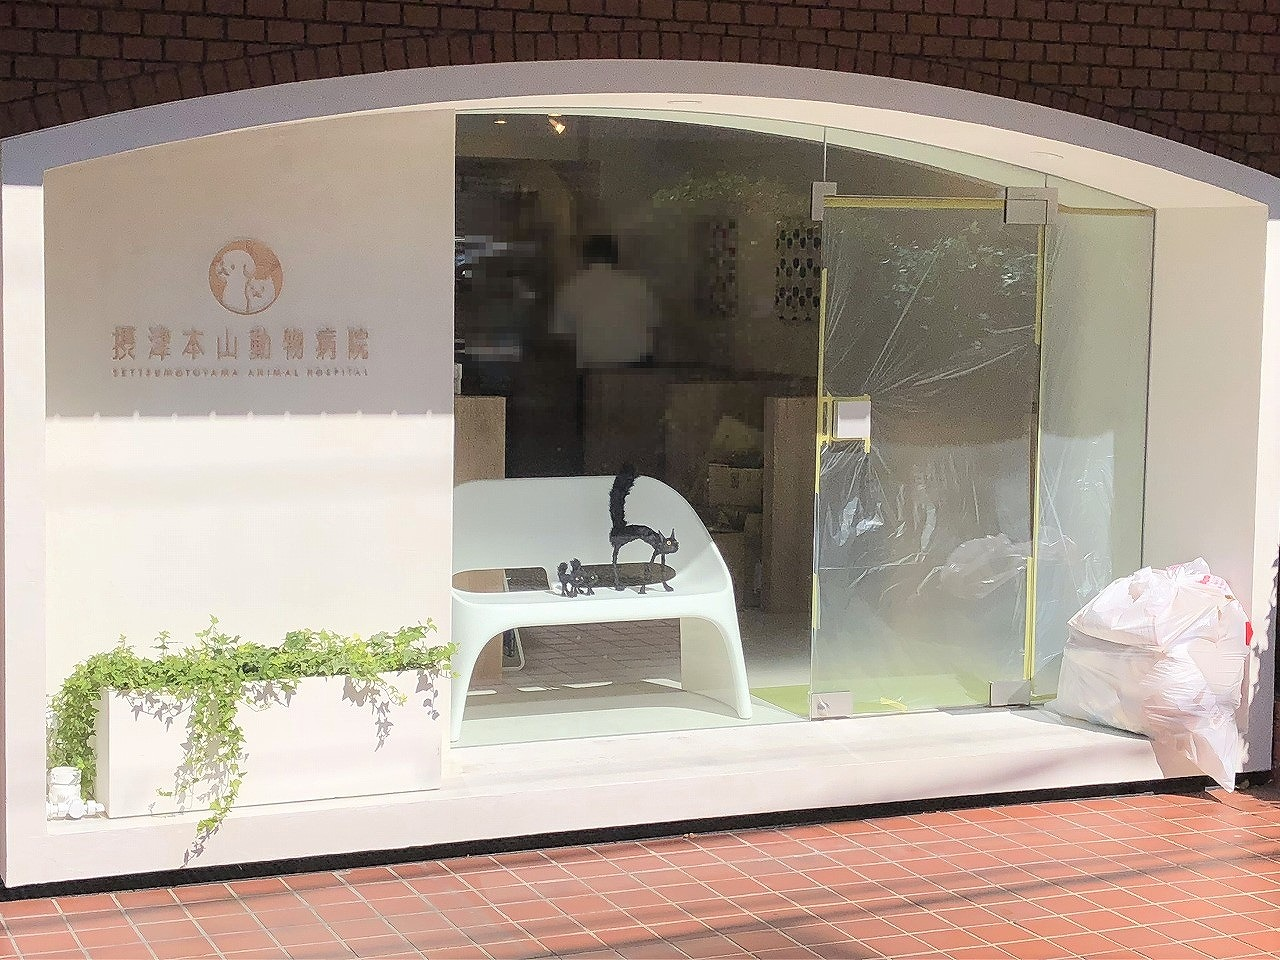 JR摂津本山駅北側に「摂津本山動物病院」が開院オープン予定だよ! #開院オープン #動物病院 #摂津本山 #犬猫のお医者さん #東灘区